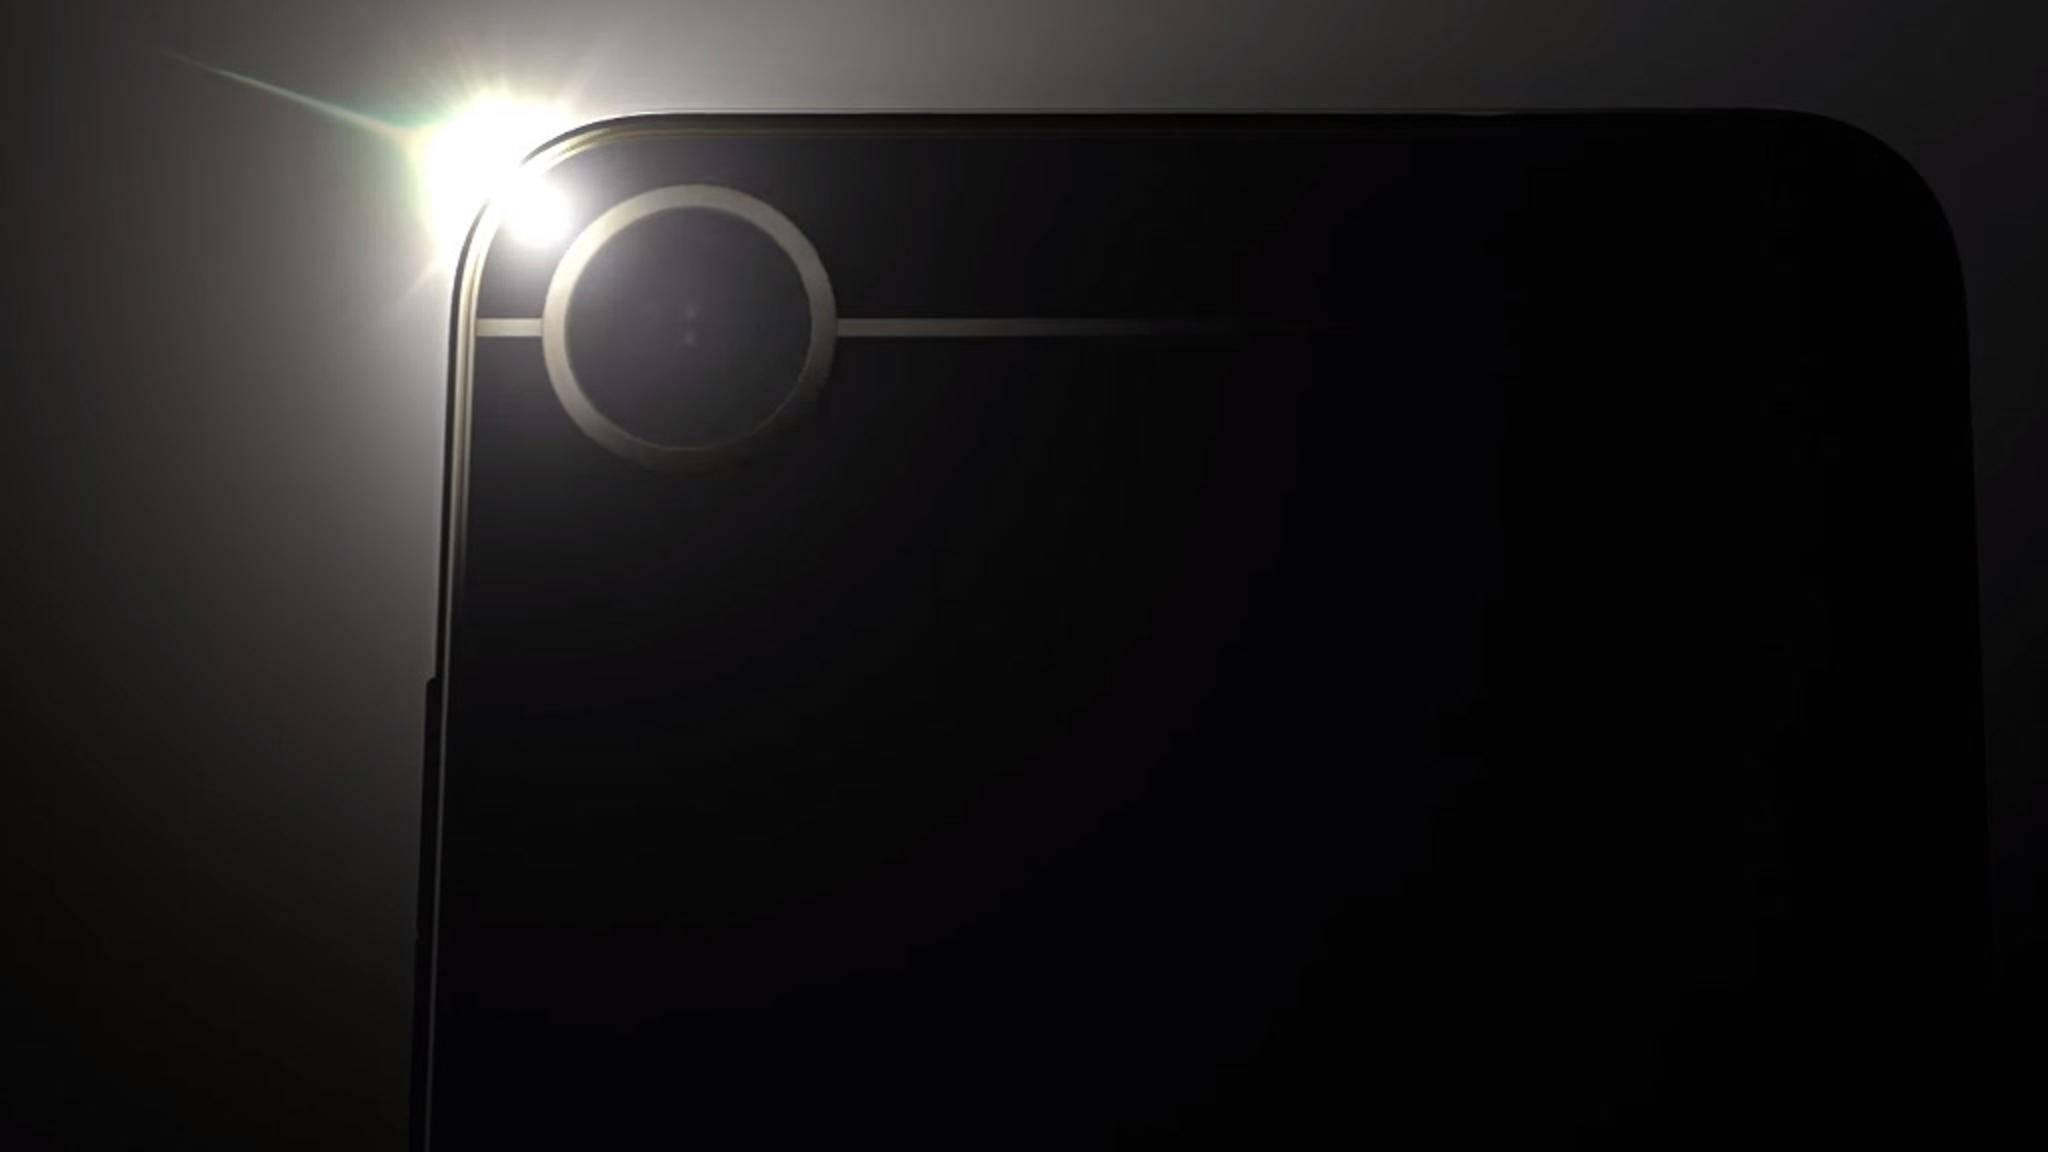 Beim HTC Alpine soll es sich offenbar um das HTC U Play handeln.